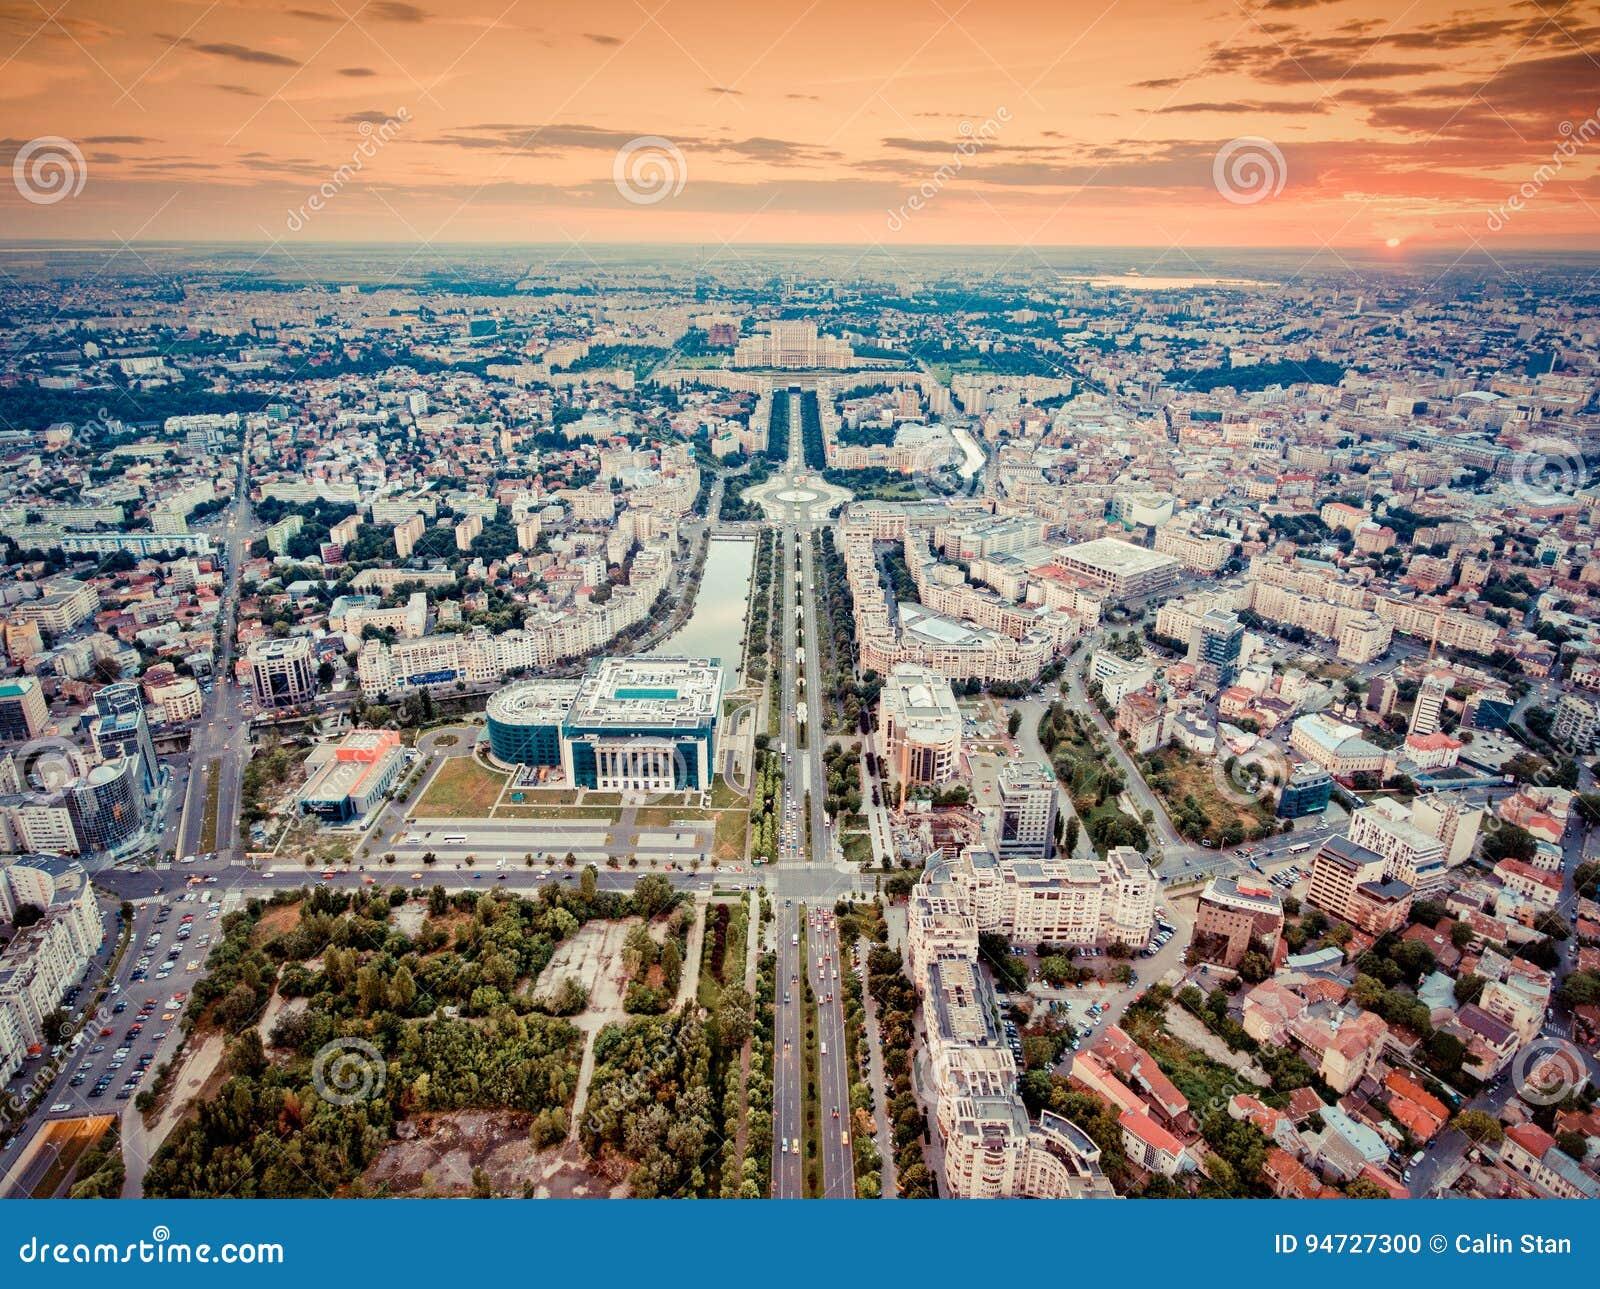 El horizonte de la ciudad de Bucarest con el filtro nostálgico de la mirada se aplicó